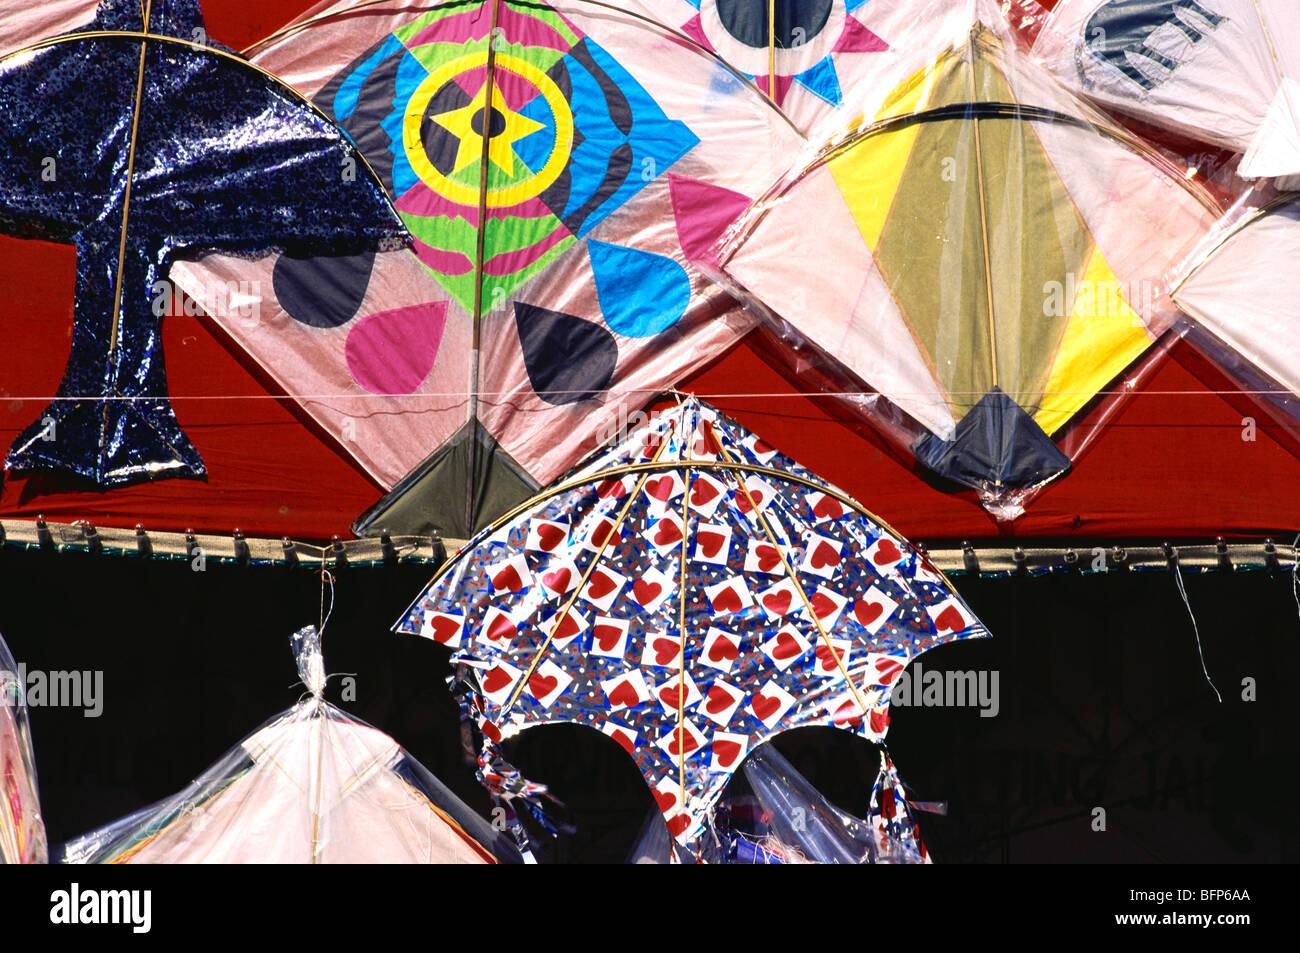 NMK 66285 : Various types of kites for Kite festival Makara